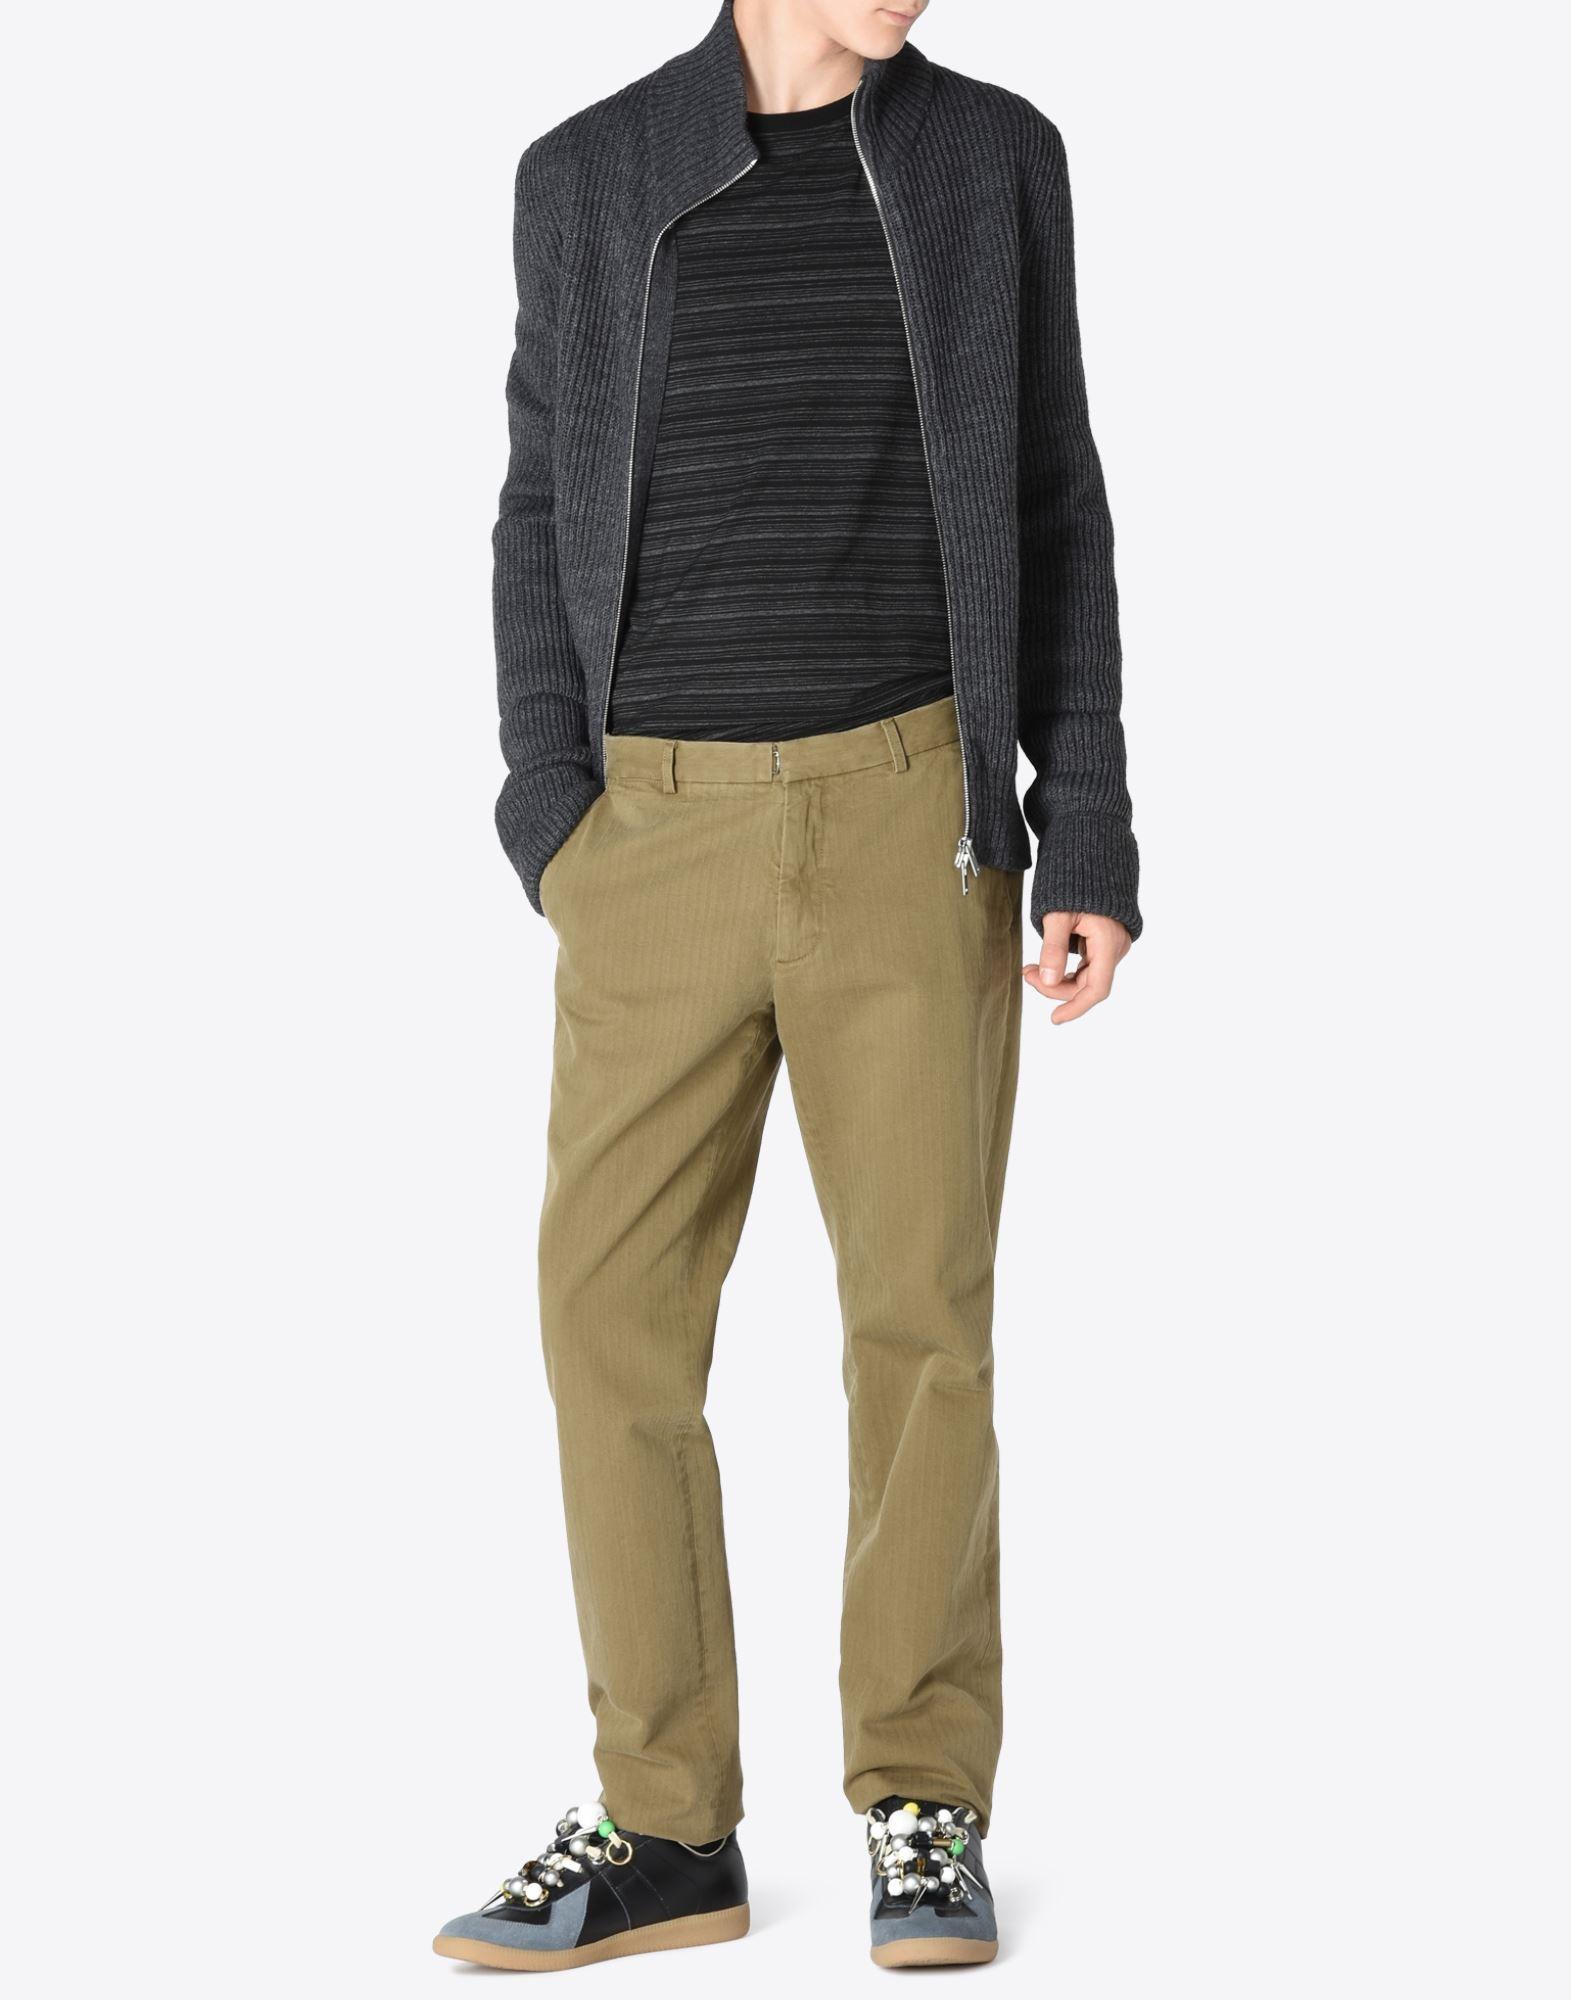 MAISON MARGIELA 14 Sweater mit Reißverschluss Pullover mit Rollkragen Herren d